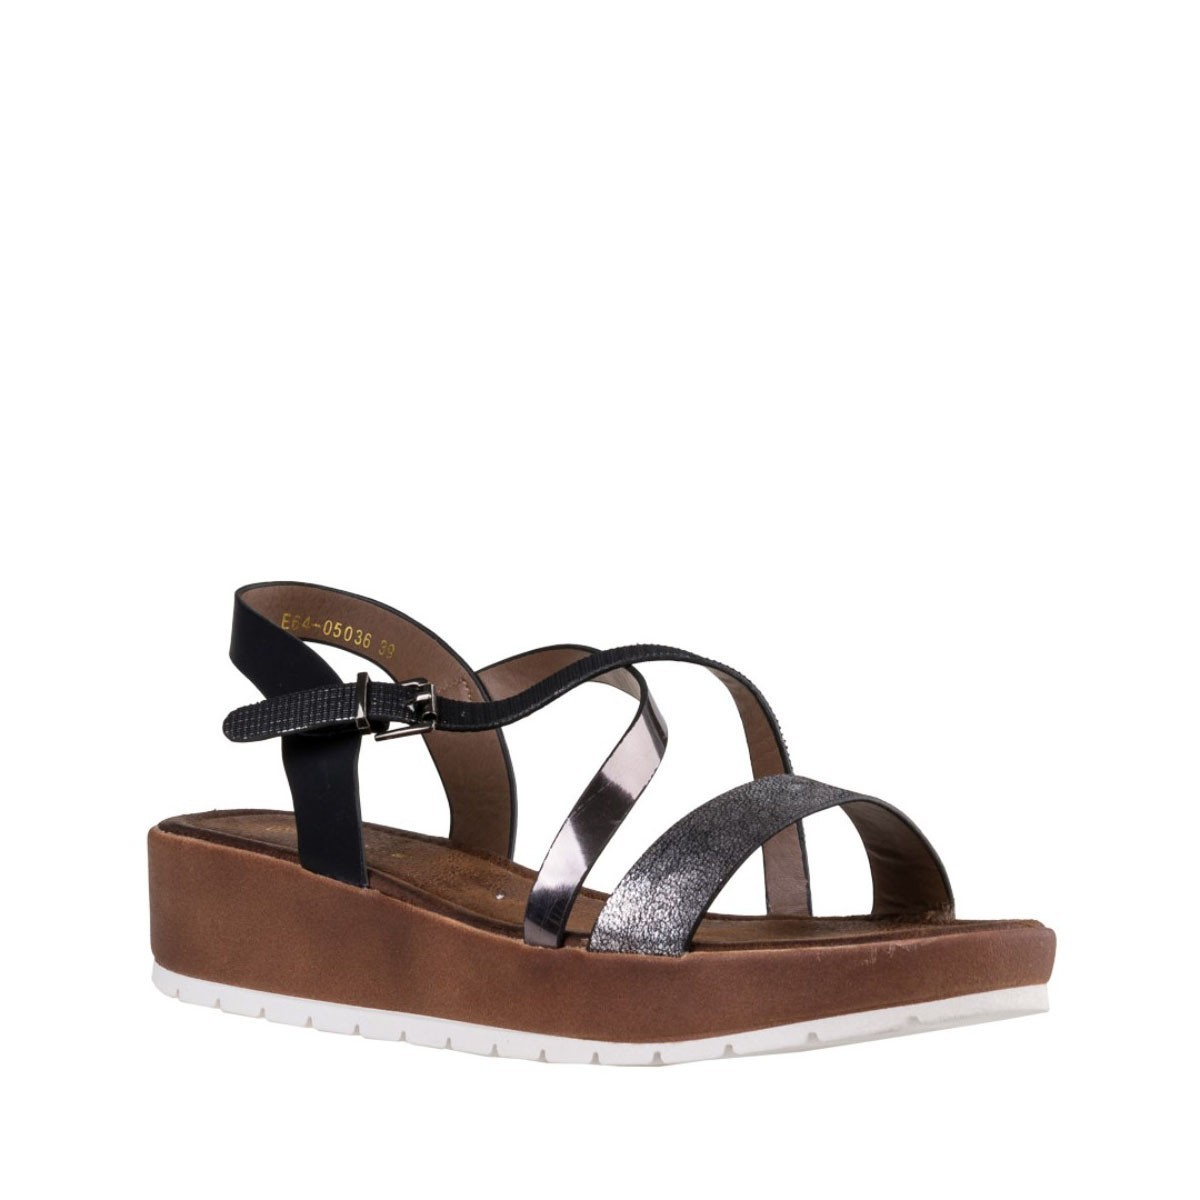 Envie Shoes Γυναικεία Πέδιλα E64-05036-34 Μαύρο